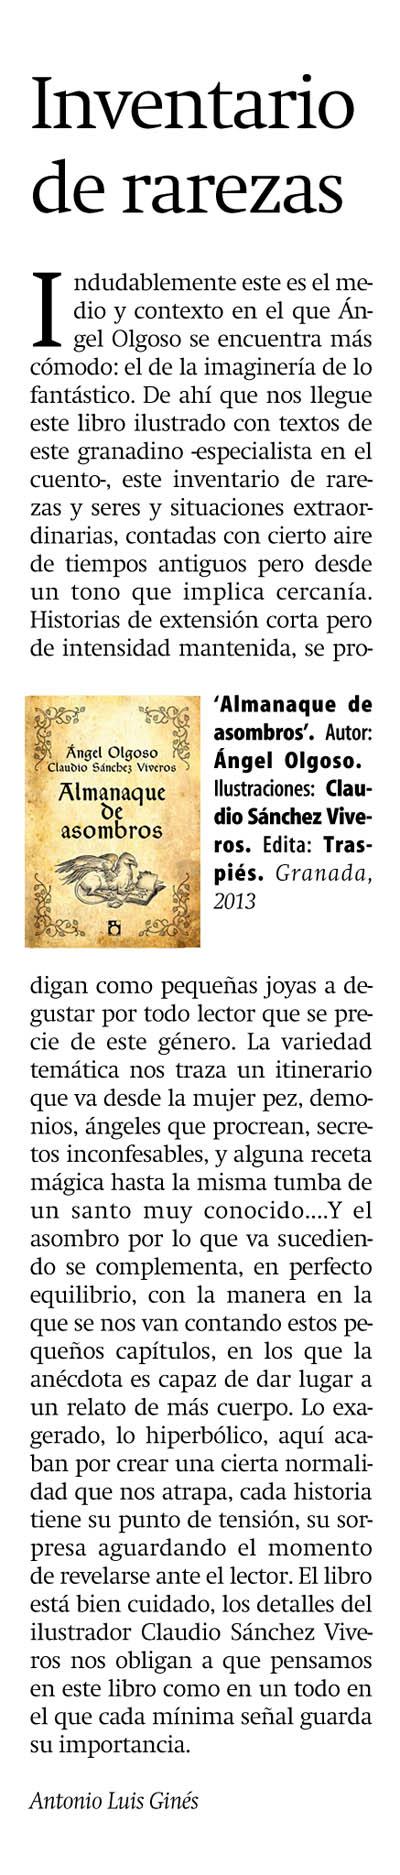 Ángel Olgoso ilustrado por Claudio Sánchez Viveros